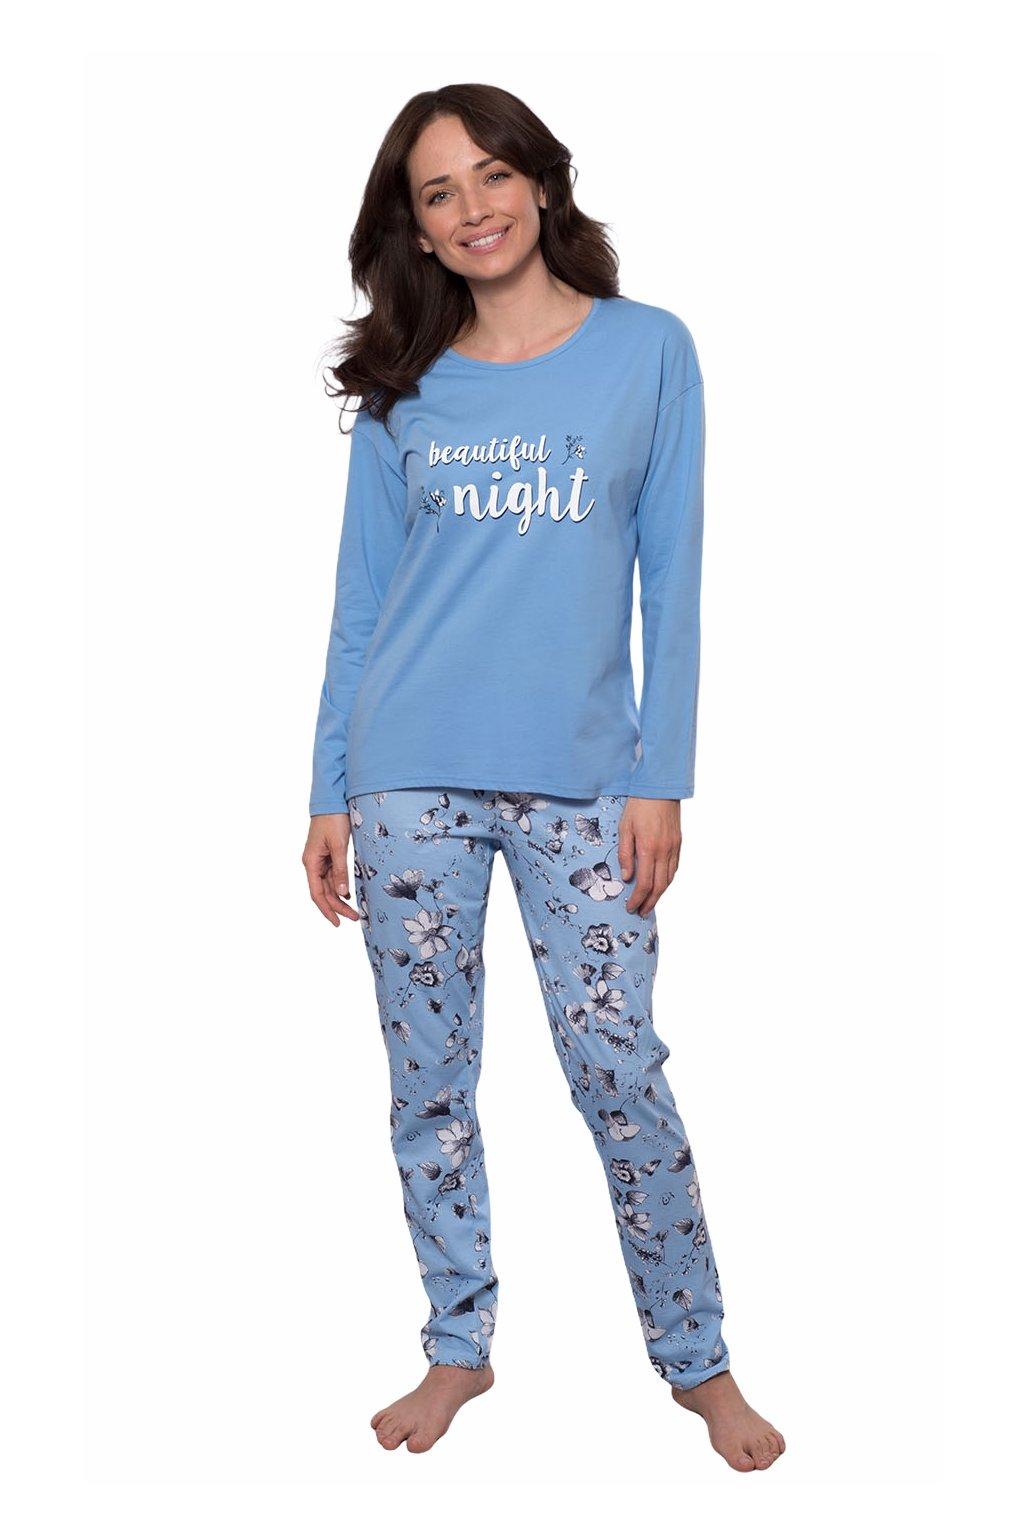 Dámské pyžamo s dlouhým rukávem, 104539 477, modrá